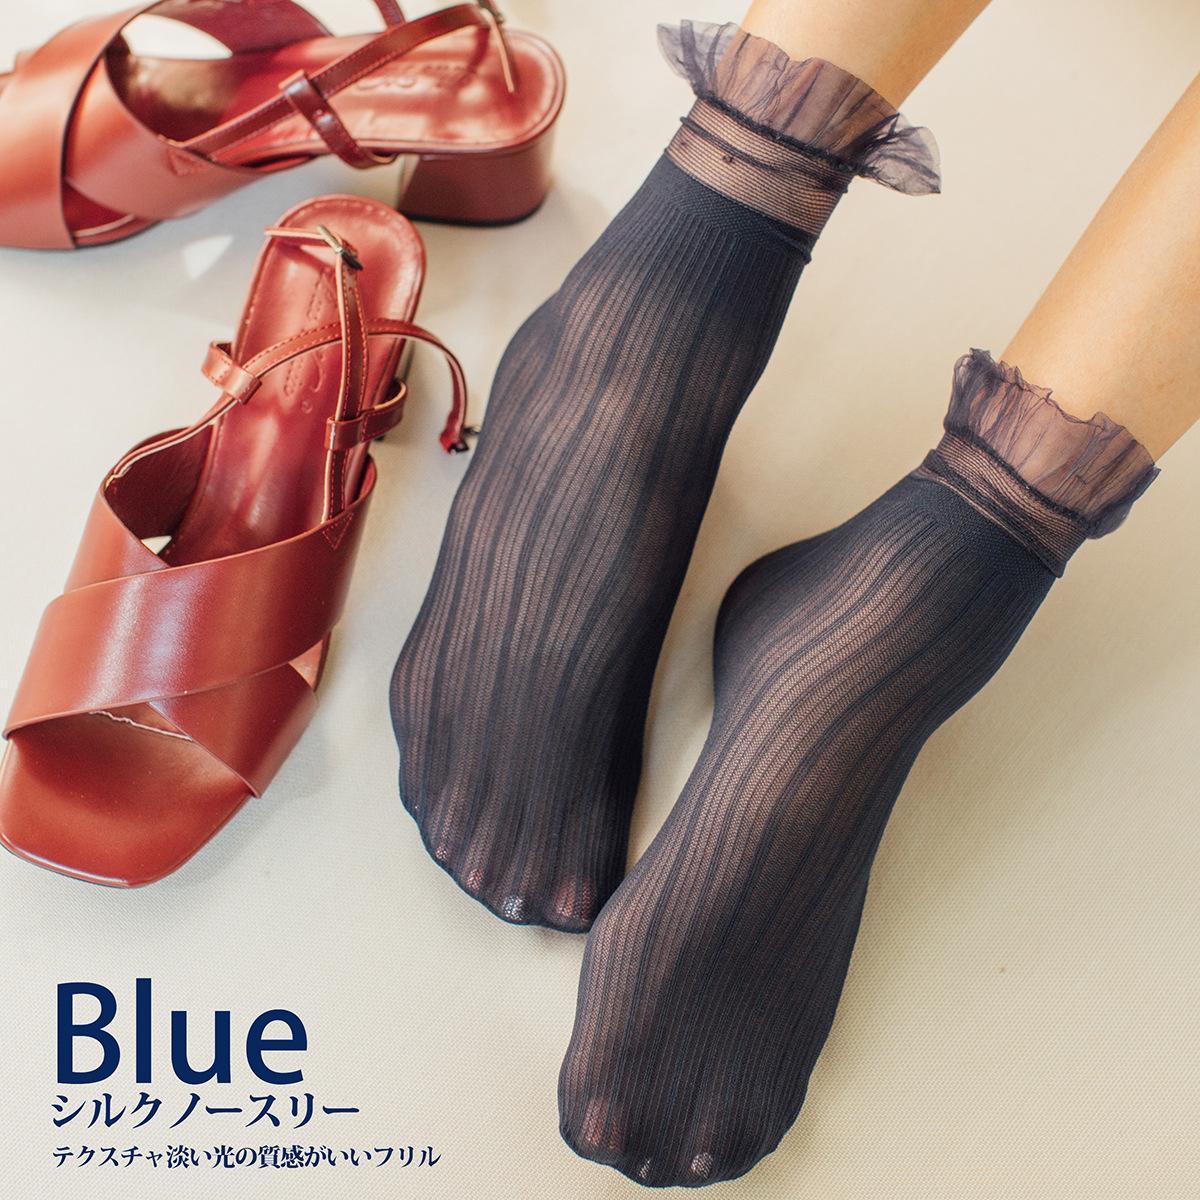 Calcetines 2019 mujeres del estilo Nueva japonesa dulce del borde del cordón ultrafino del terciopelo Pila pegan a la hembra de padres e hijos